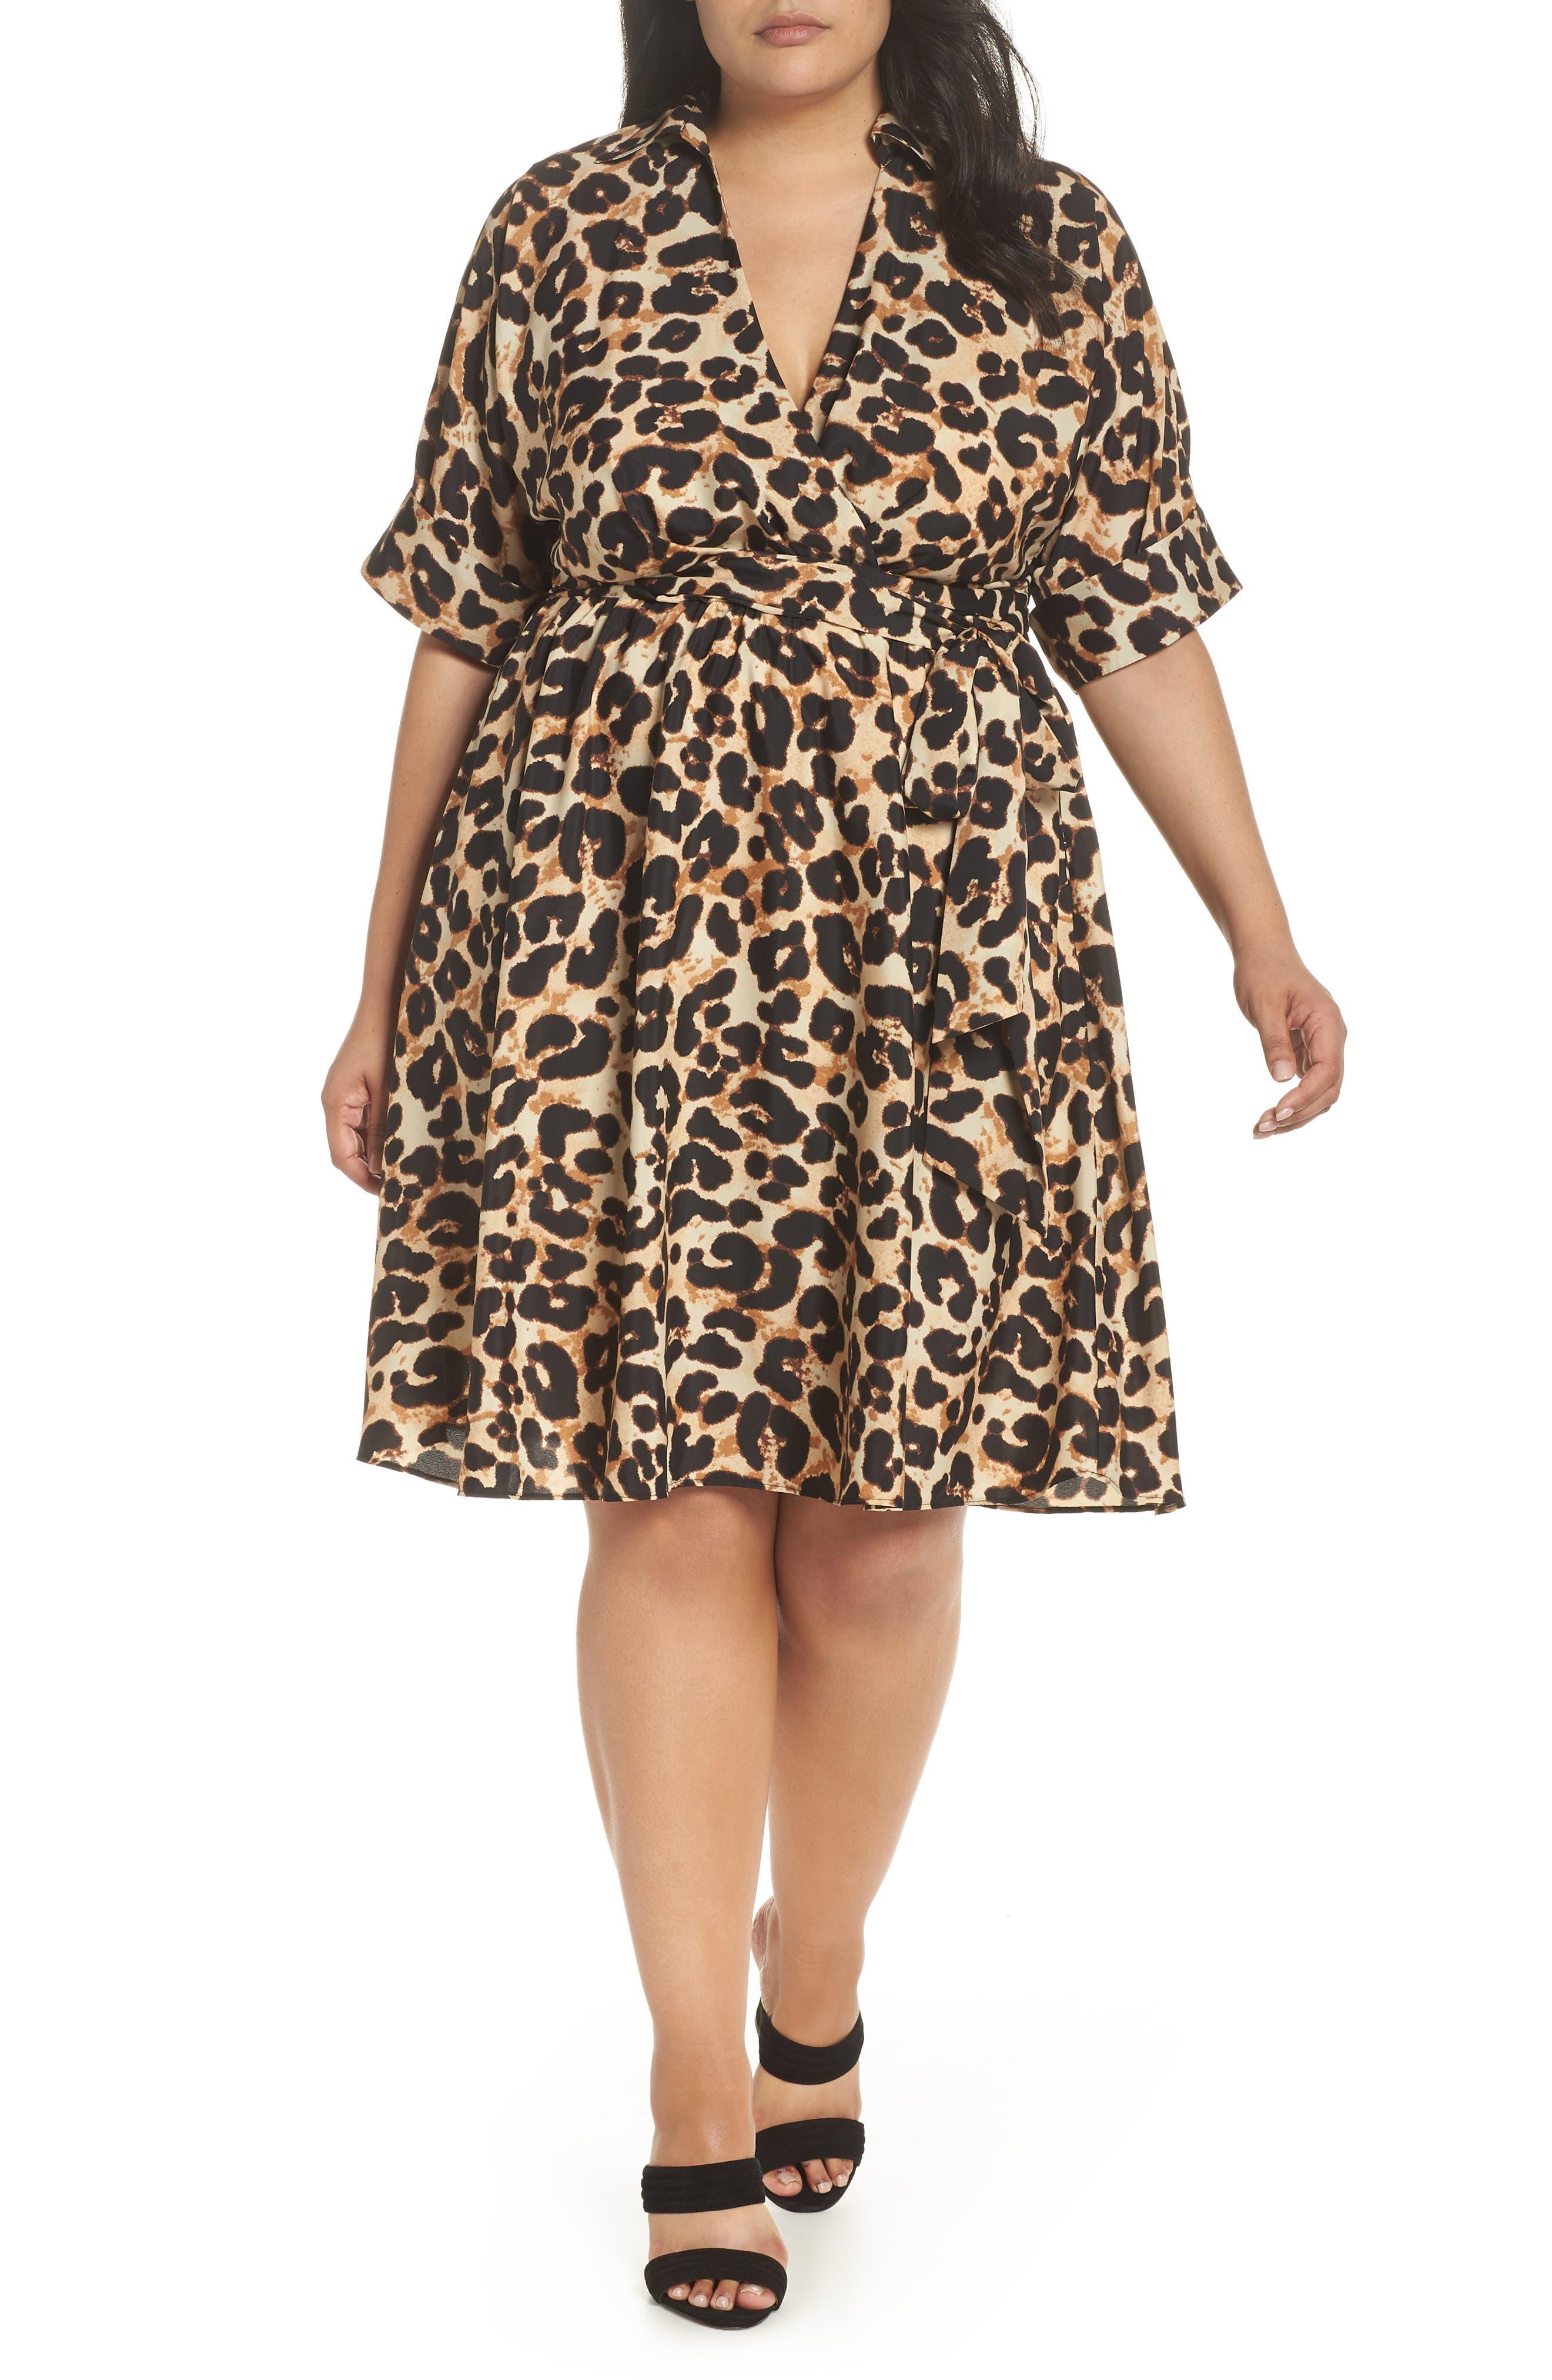 Plus Size Swing Dresses, Vintage Dresses Plus Size Womens Eliza J Leopard Print Shirtdress $94.80 AT vintagedancer.com